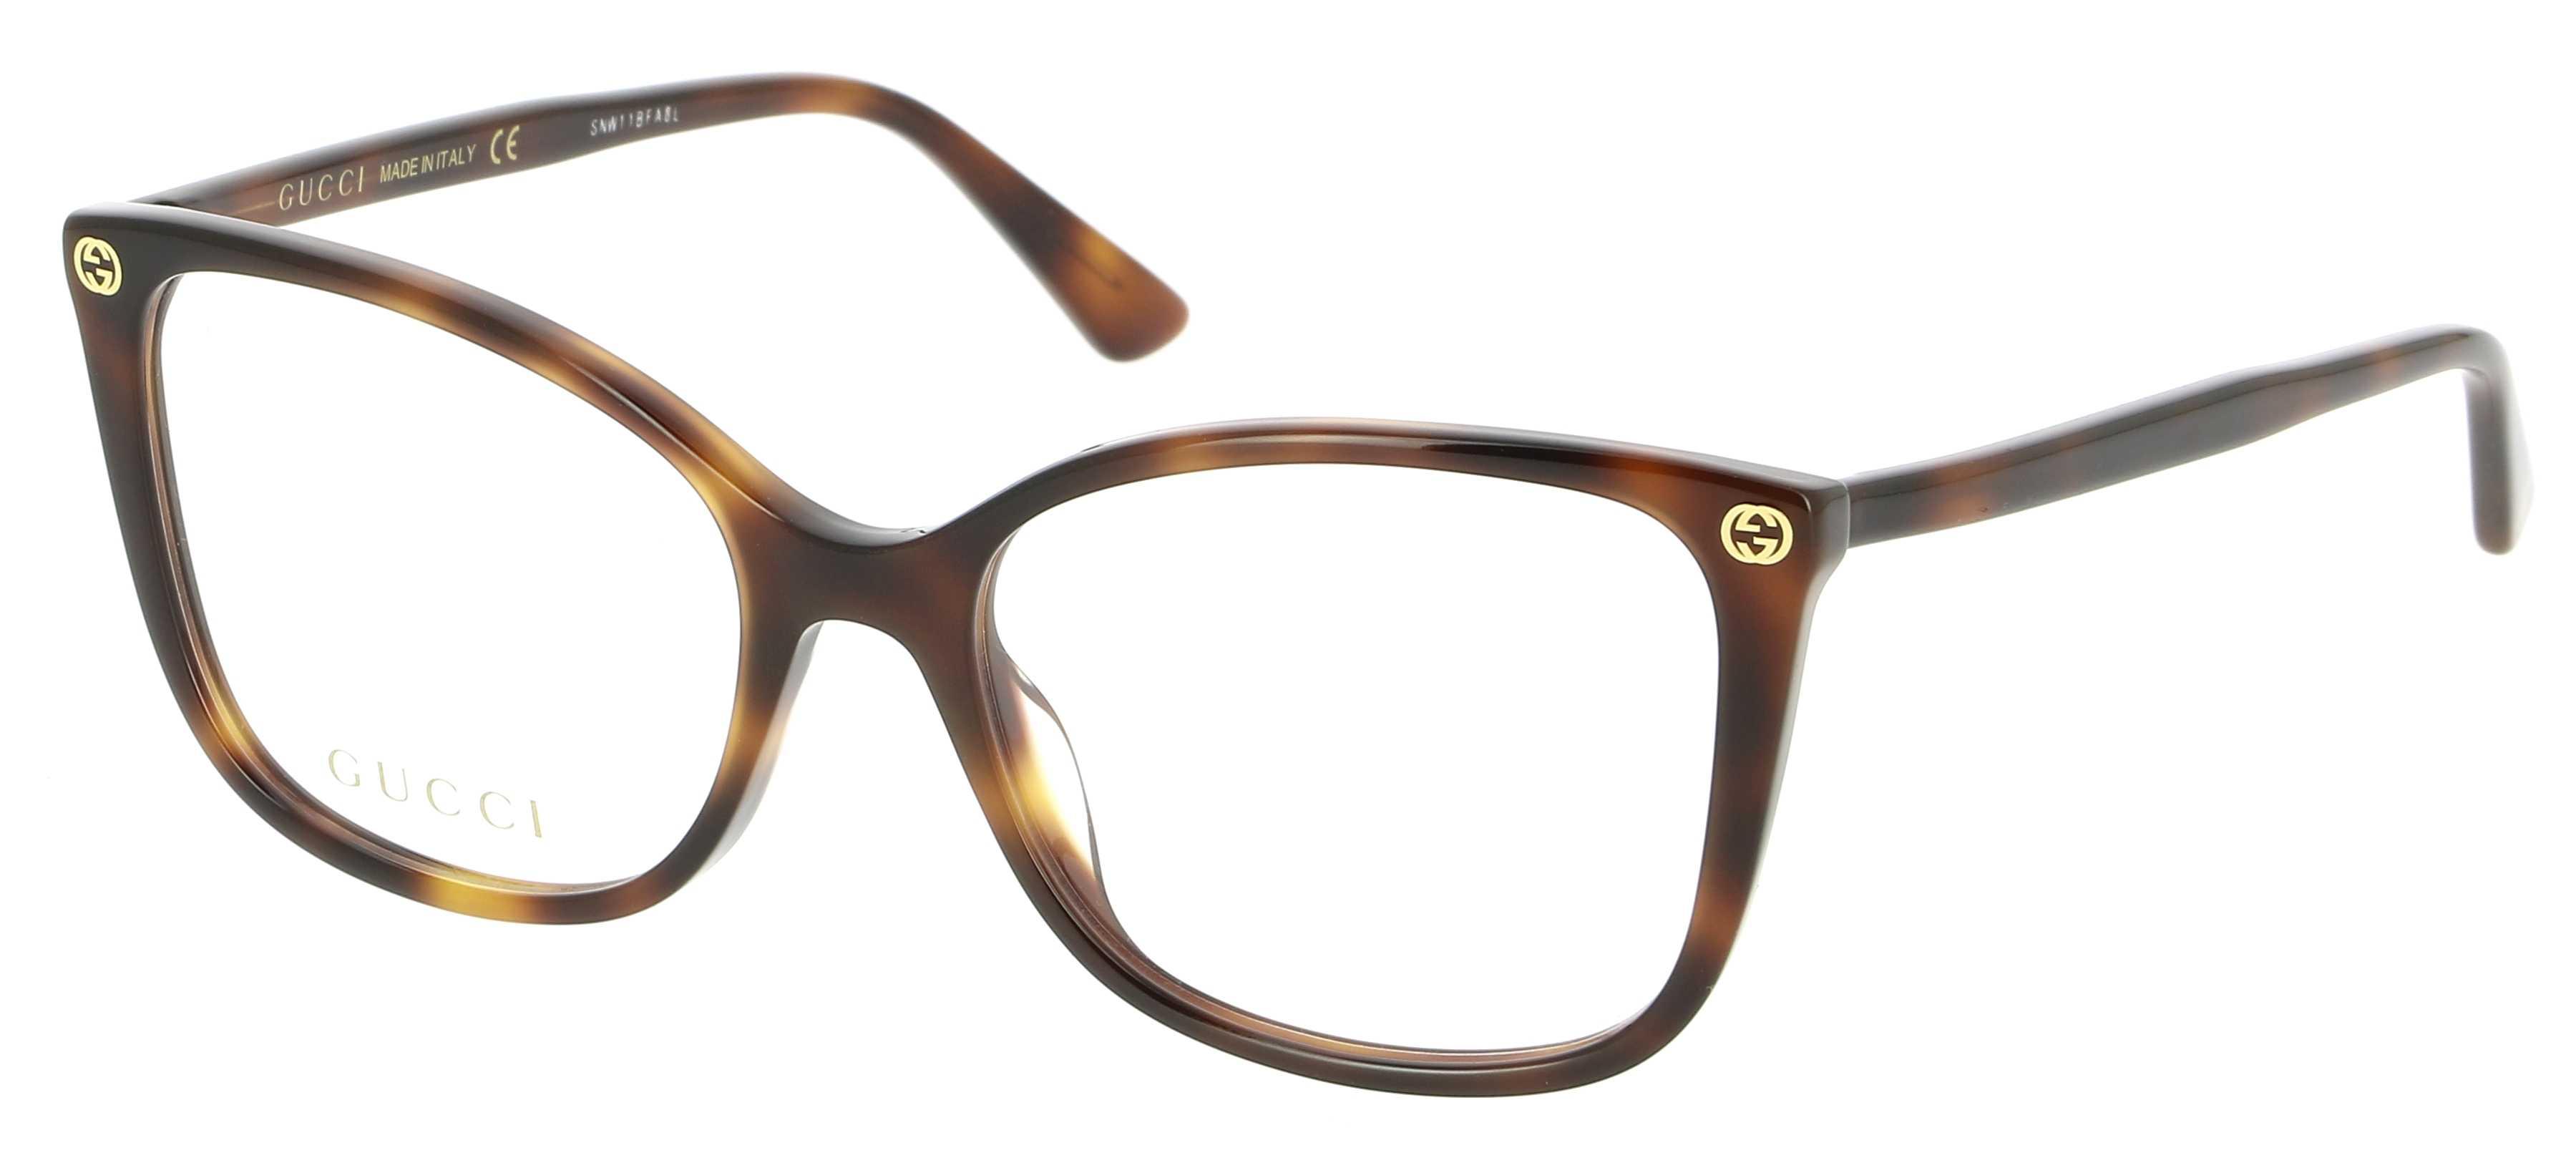 lunettes Gucci Toulouse Les produits de la marque sont très facilement  identifiables, notamment parce qu ils portent depuis l arrivée de Tom Ford  à la ... 924609936d1c